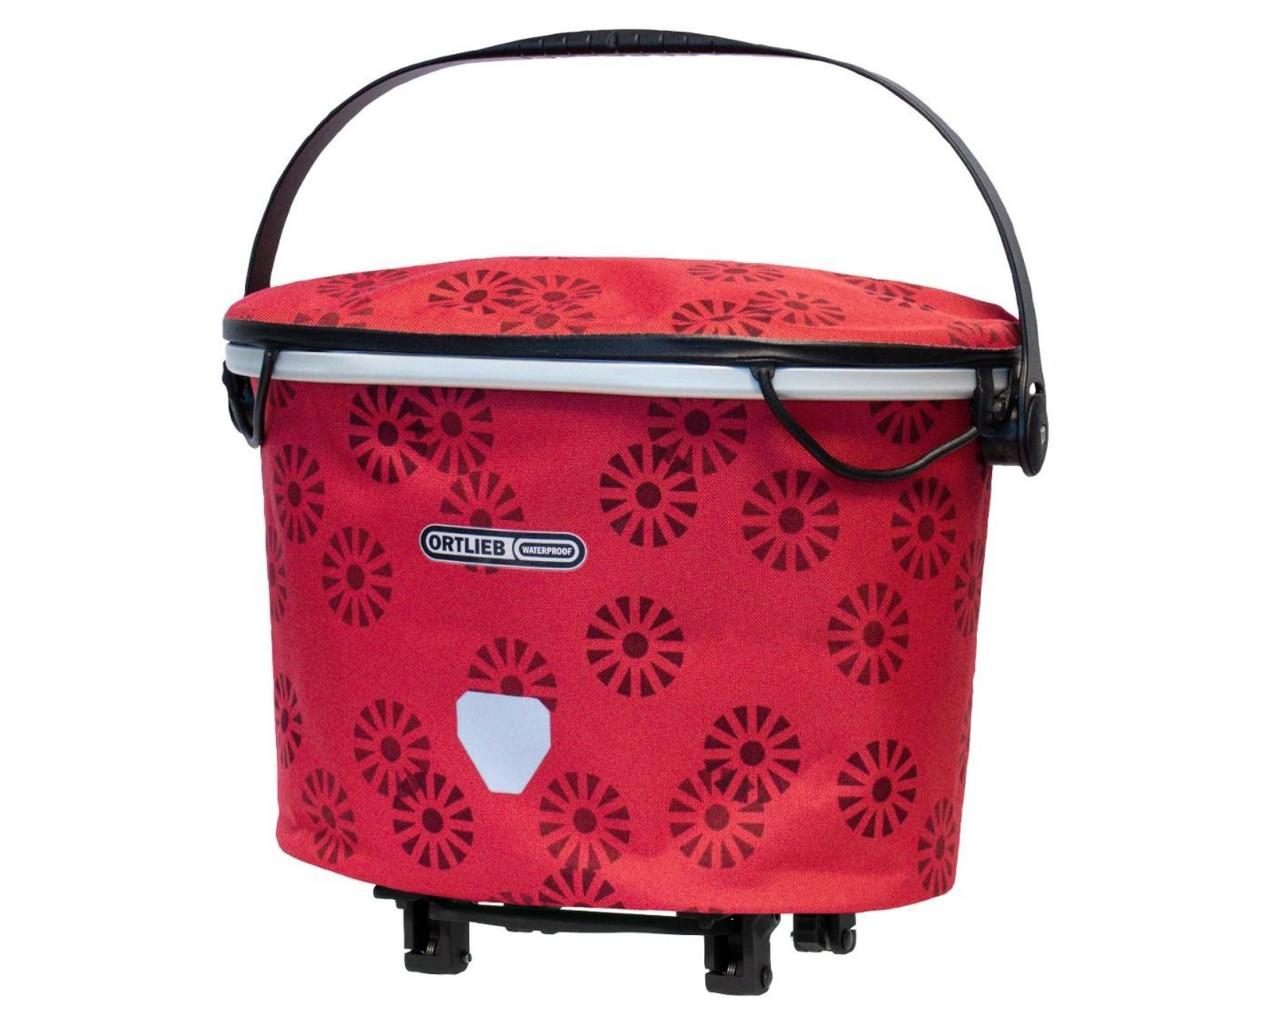 Ortlieb Up-Town Rack Design - waterproof carrier bag | Floral